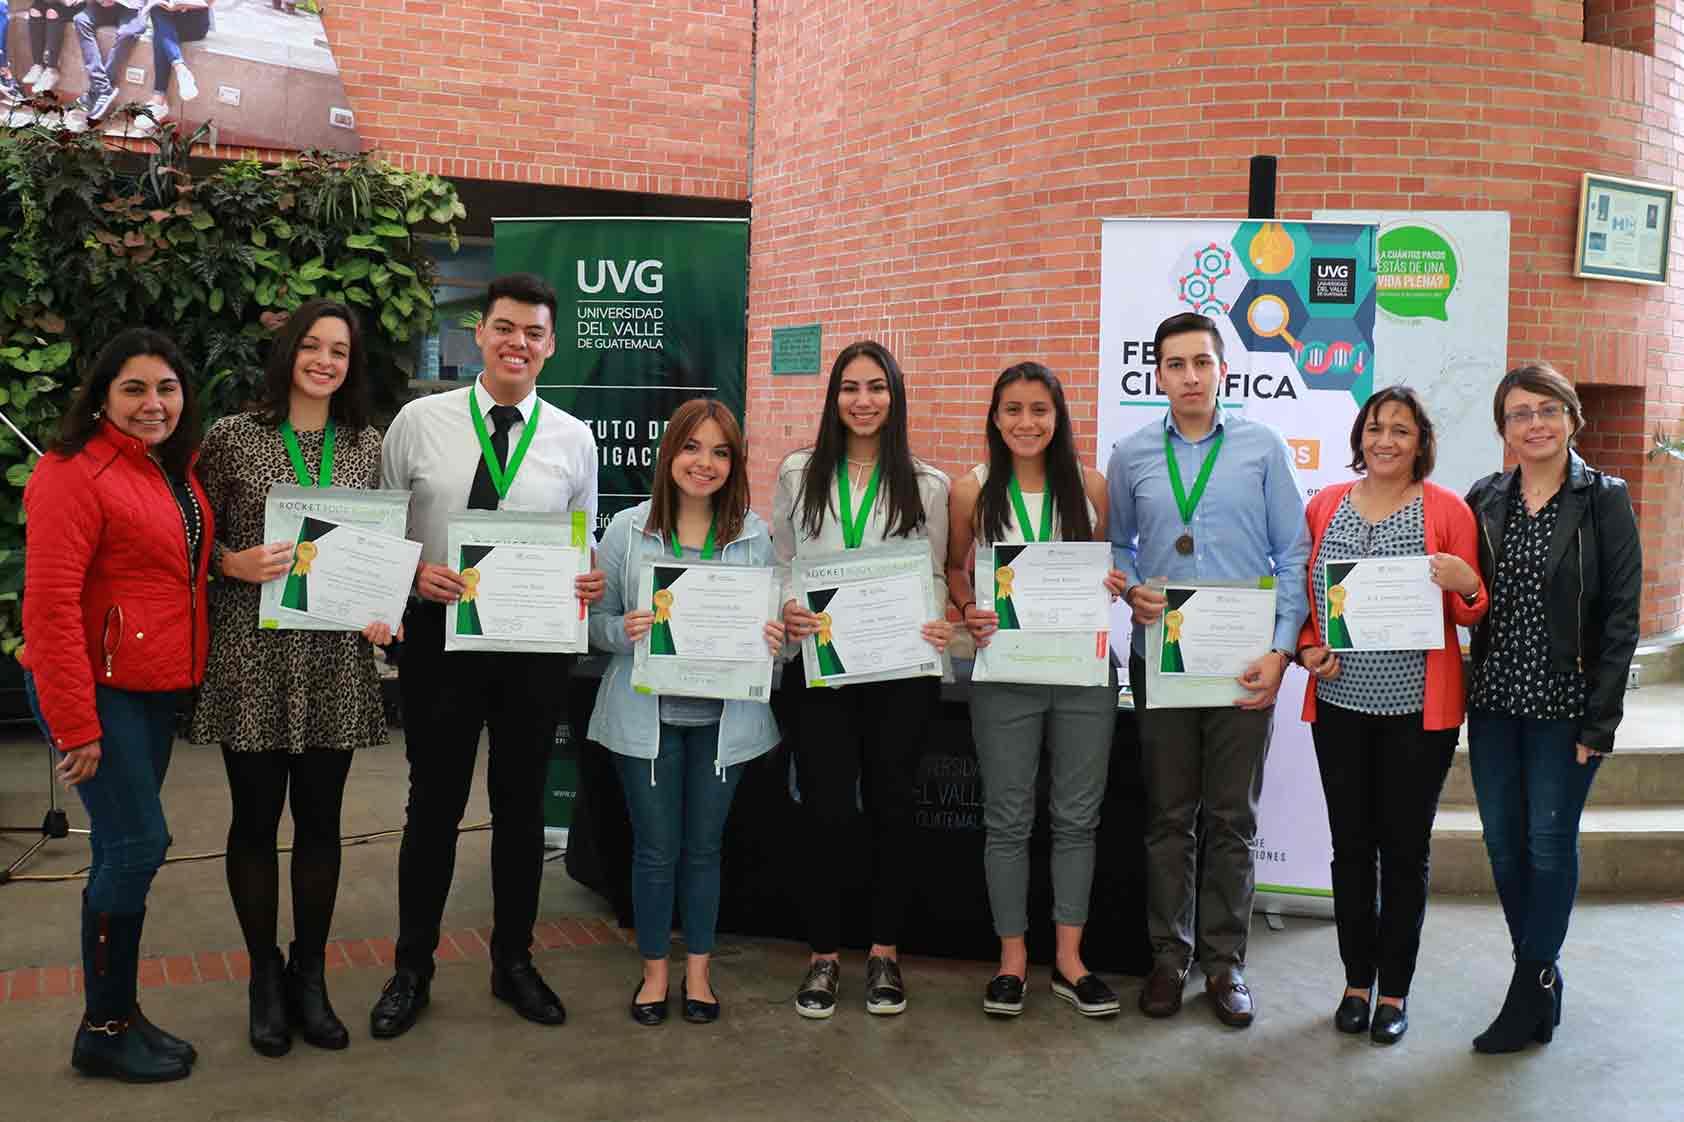 La cultura de investigación se fortalece en los estudiantes de UVG